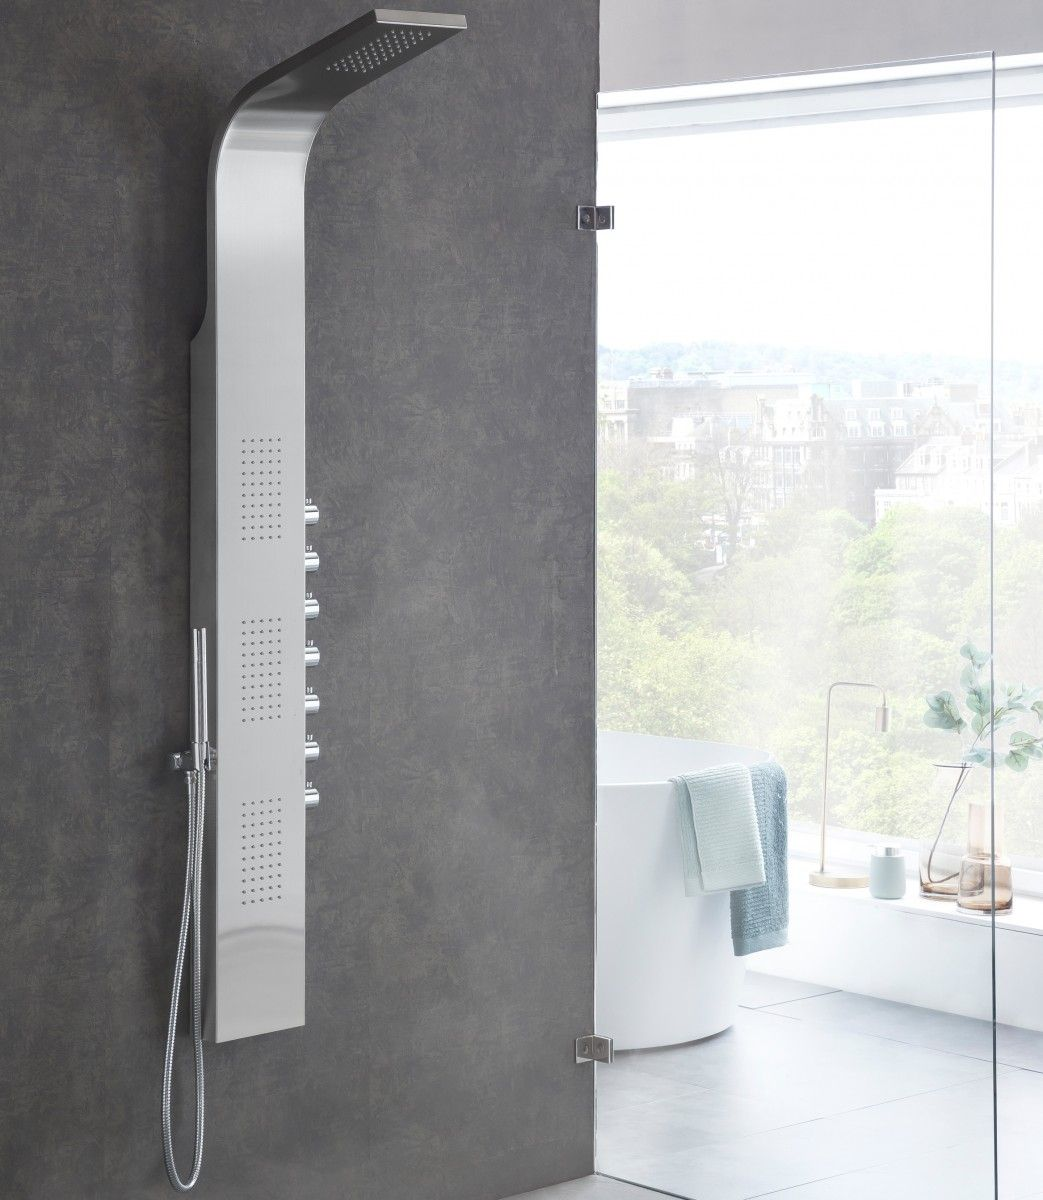 Wohnling Duschpaneel Mit Regendusche Wl2 010 Aus Edelstahl Dusche Bad Badezimmer Wohlfuhlen Wohnidee Luxus Regendusche Dusche Badezimmer